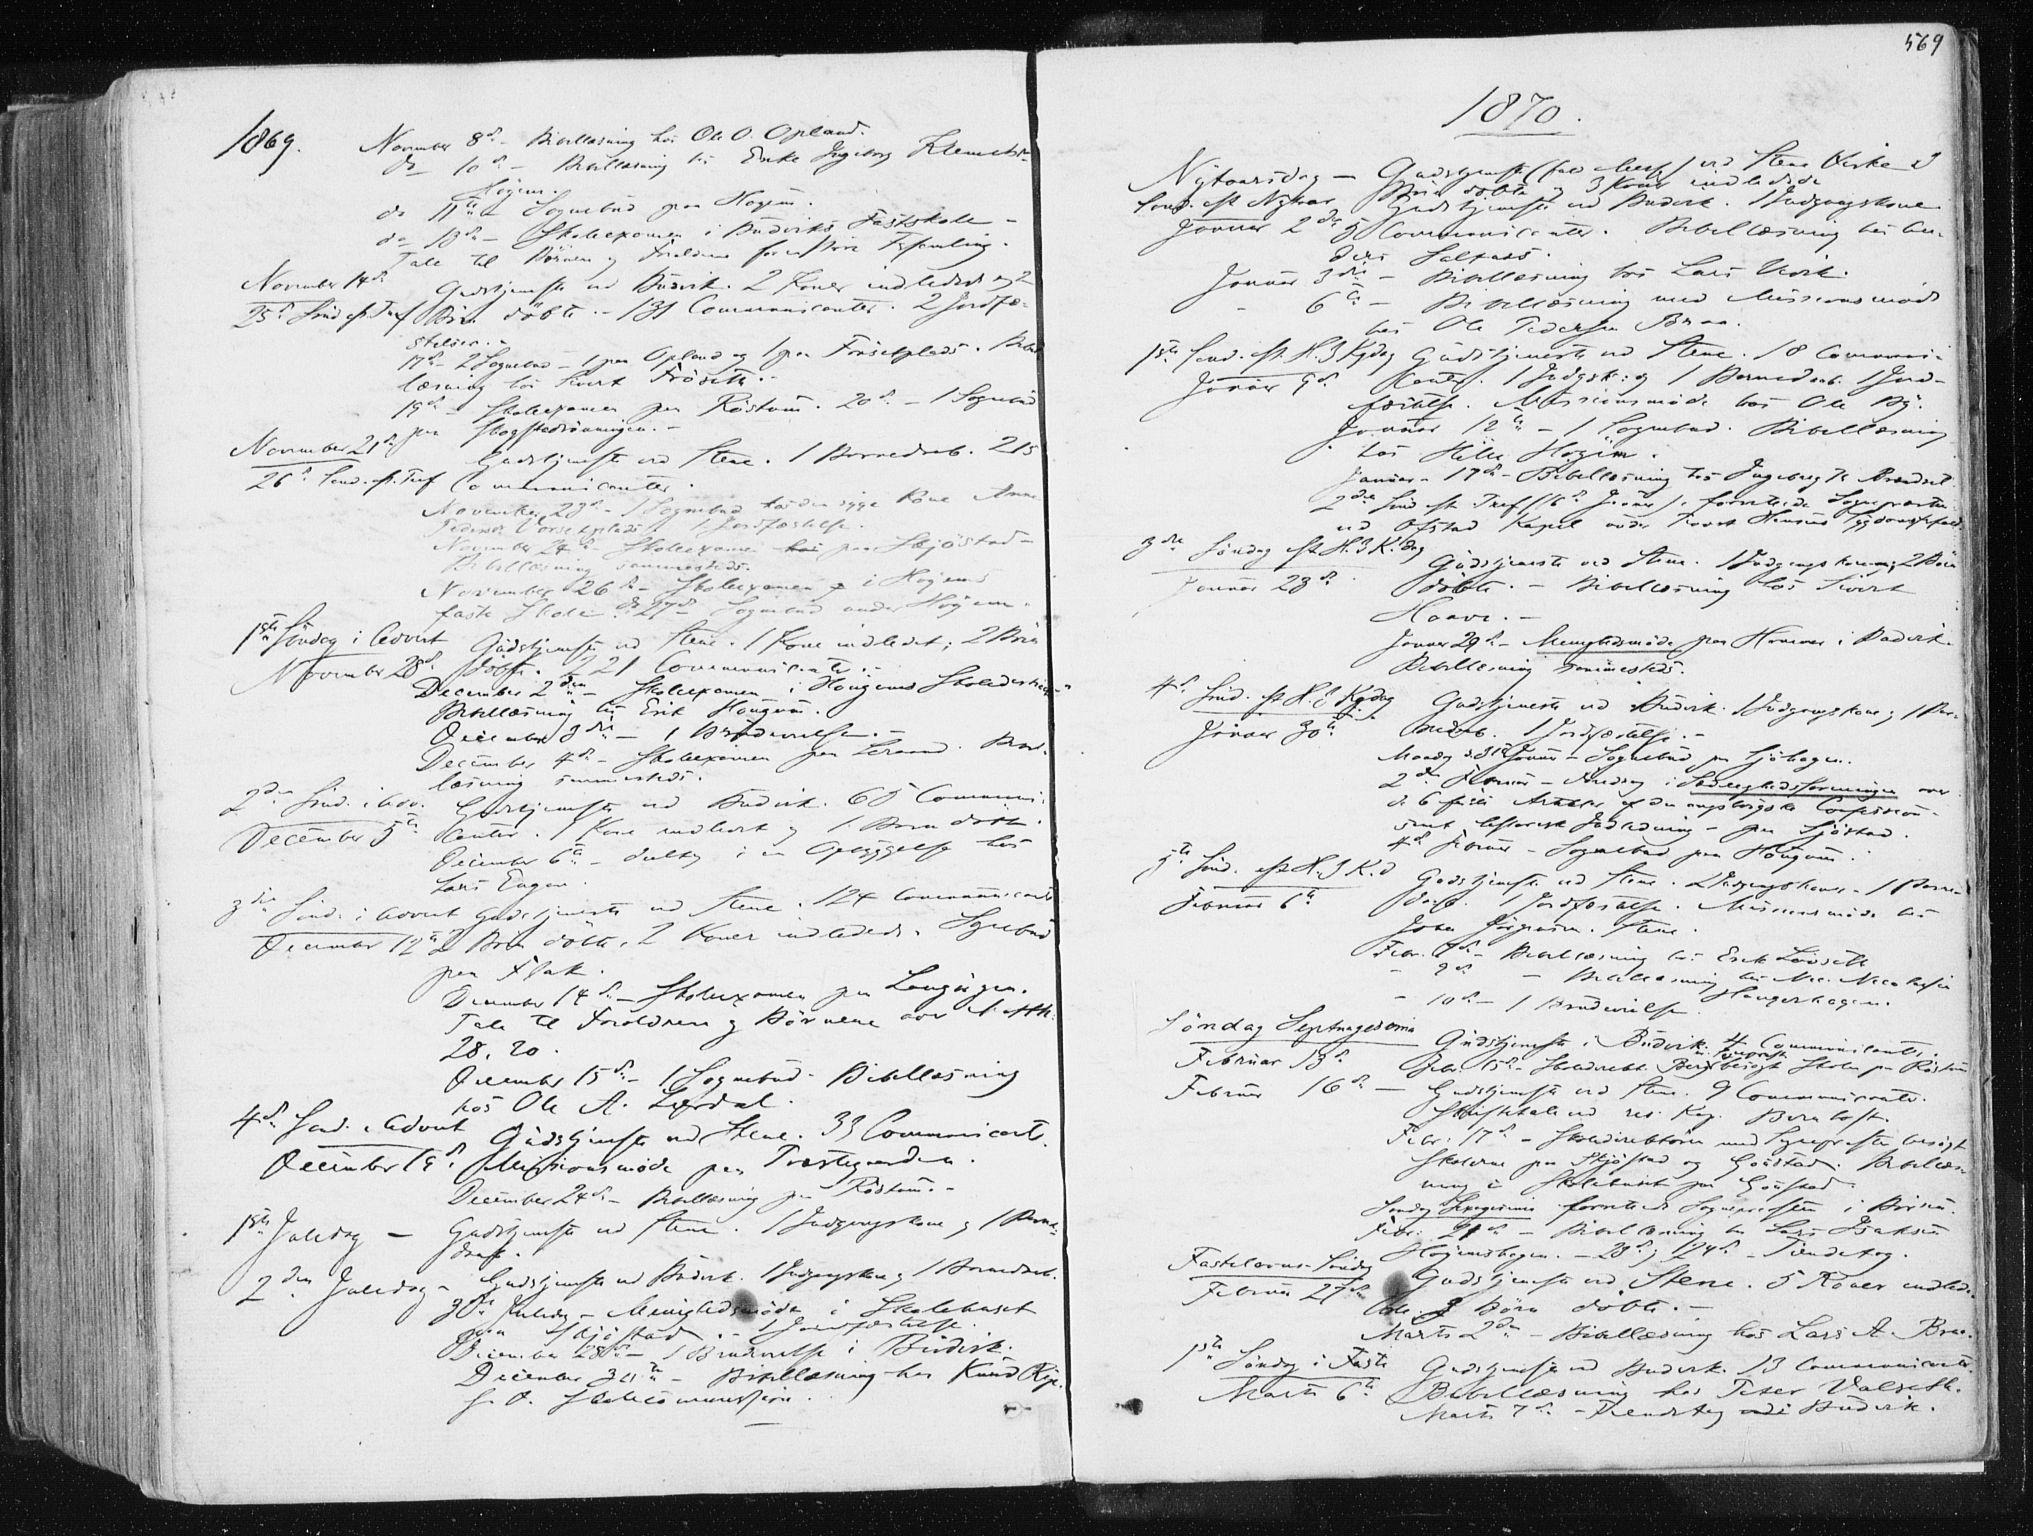 SAT, Ministerialprotokoller, klokkerbøker og fødselsregistre - Sør-Trøndelag, 612/L0377: Ministerialbok nr. 612A09, 1859-1877, s. 569